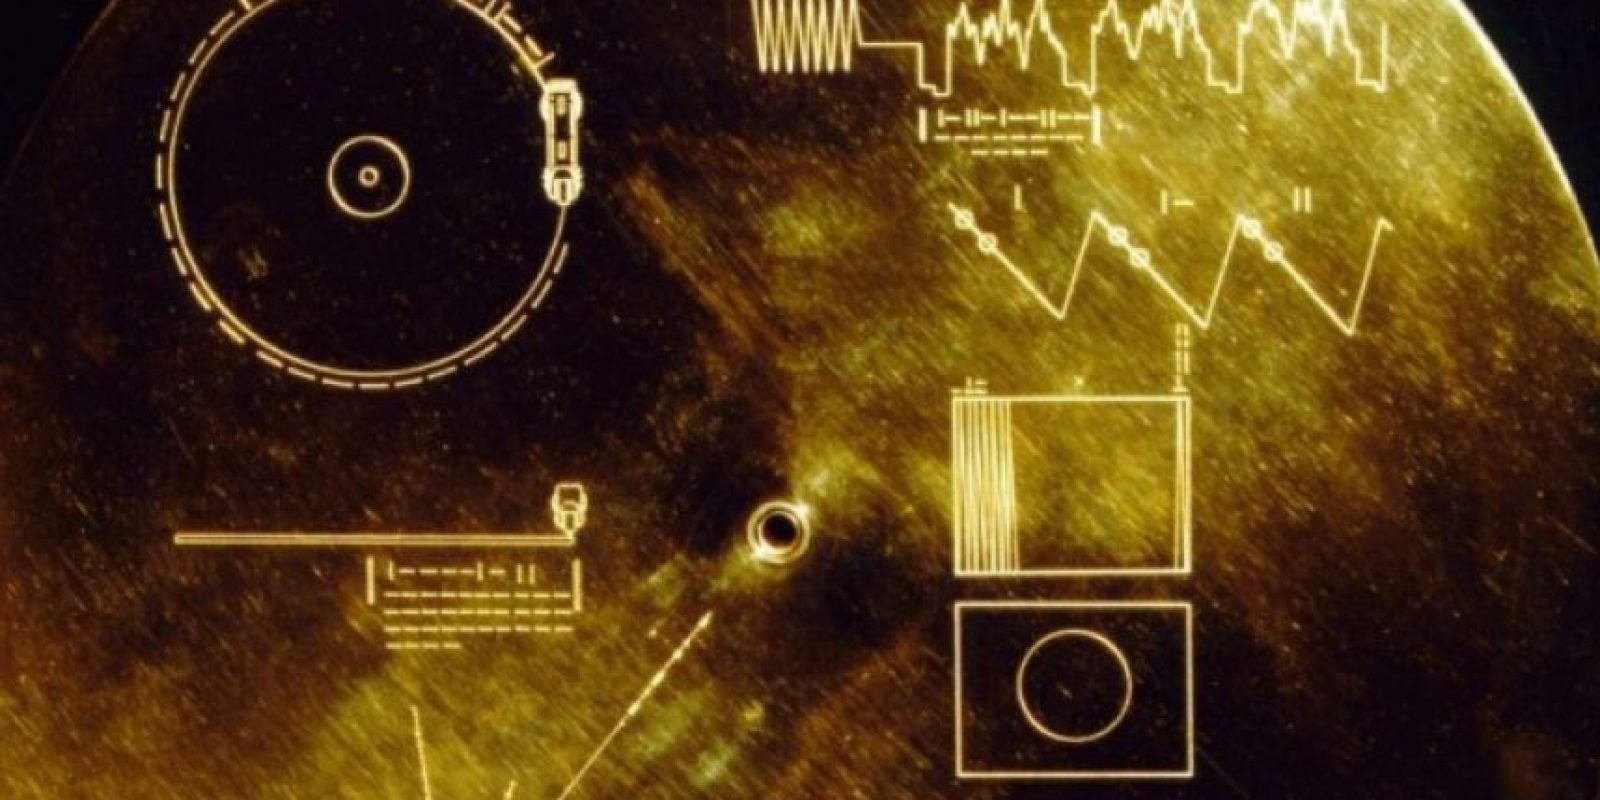 Las misiones Voyager de 1977 y 1979 tenían uno de estos. Foto:Wikimedia.org